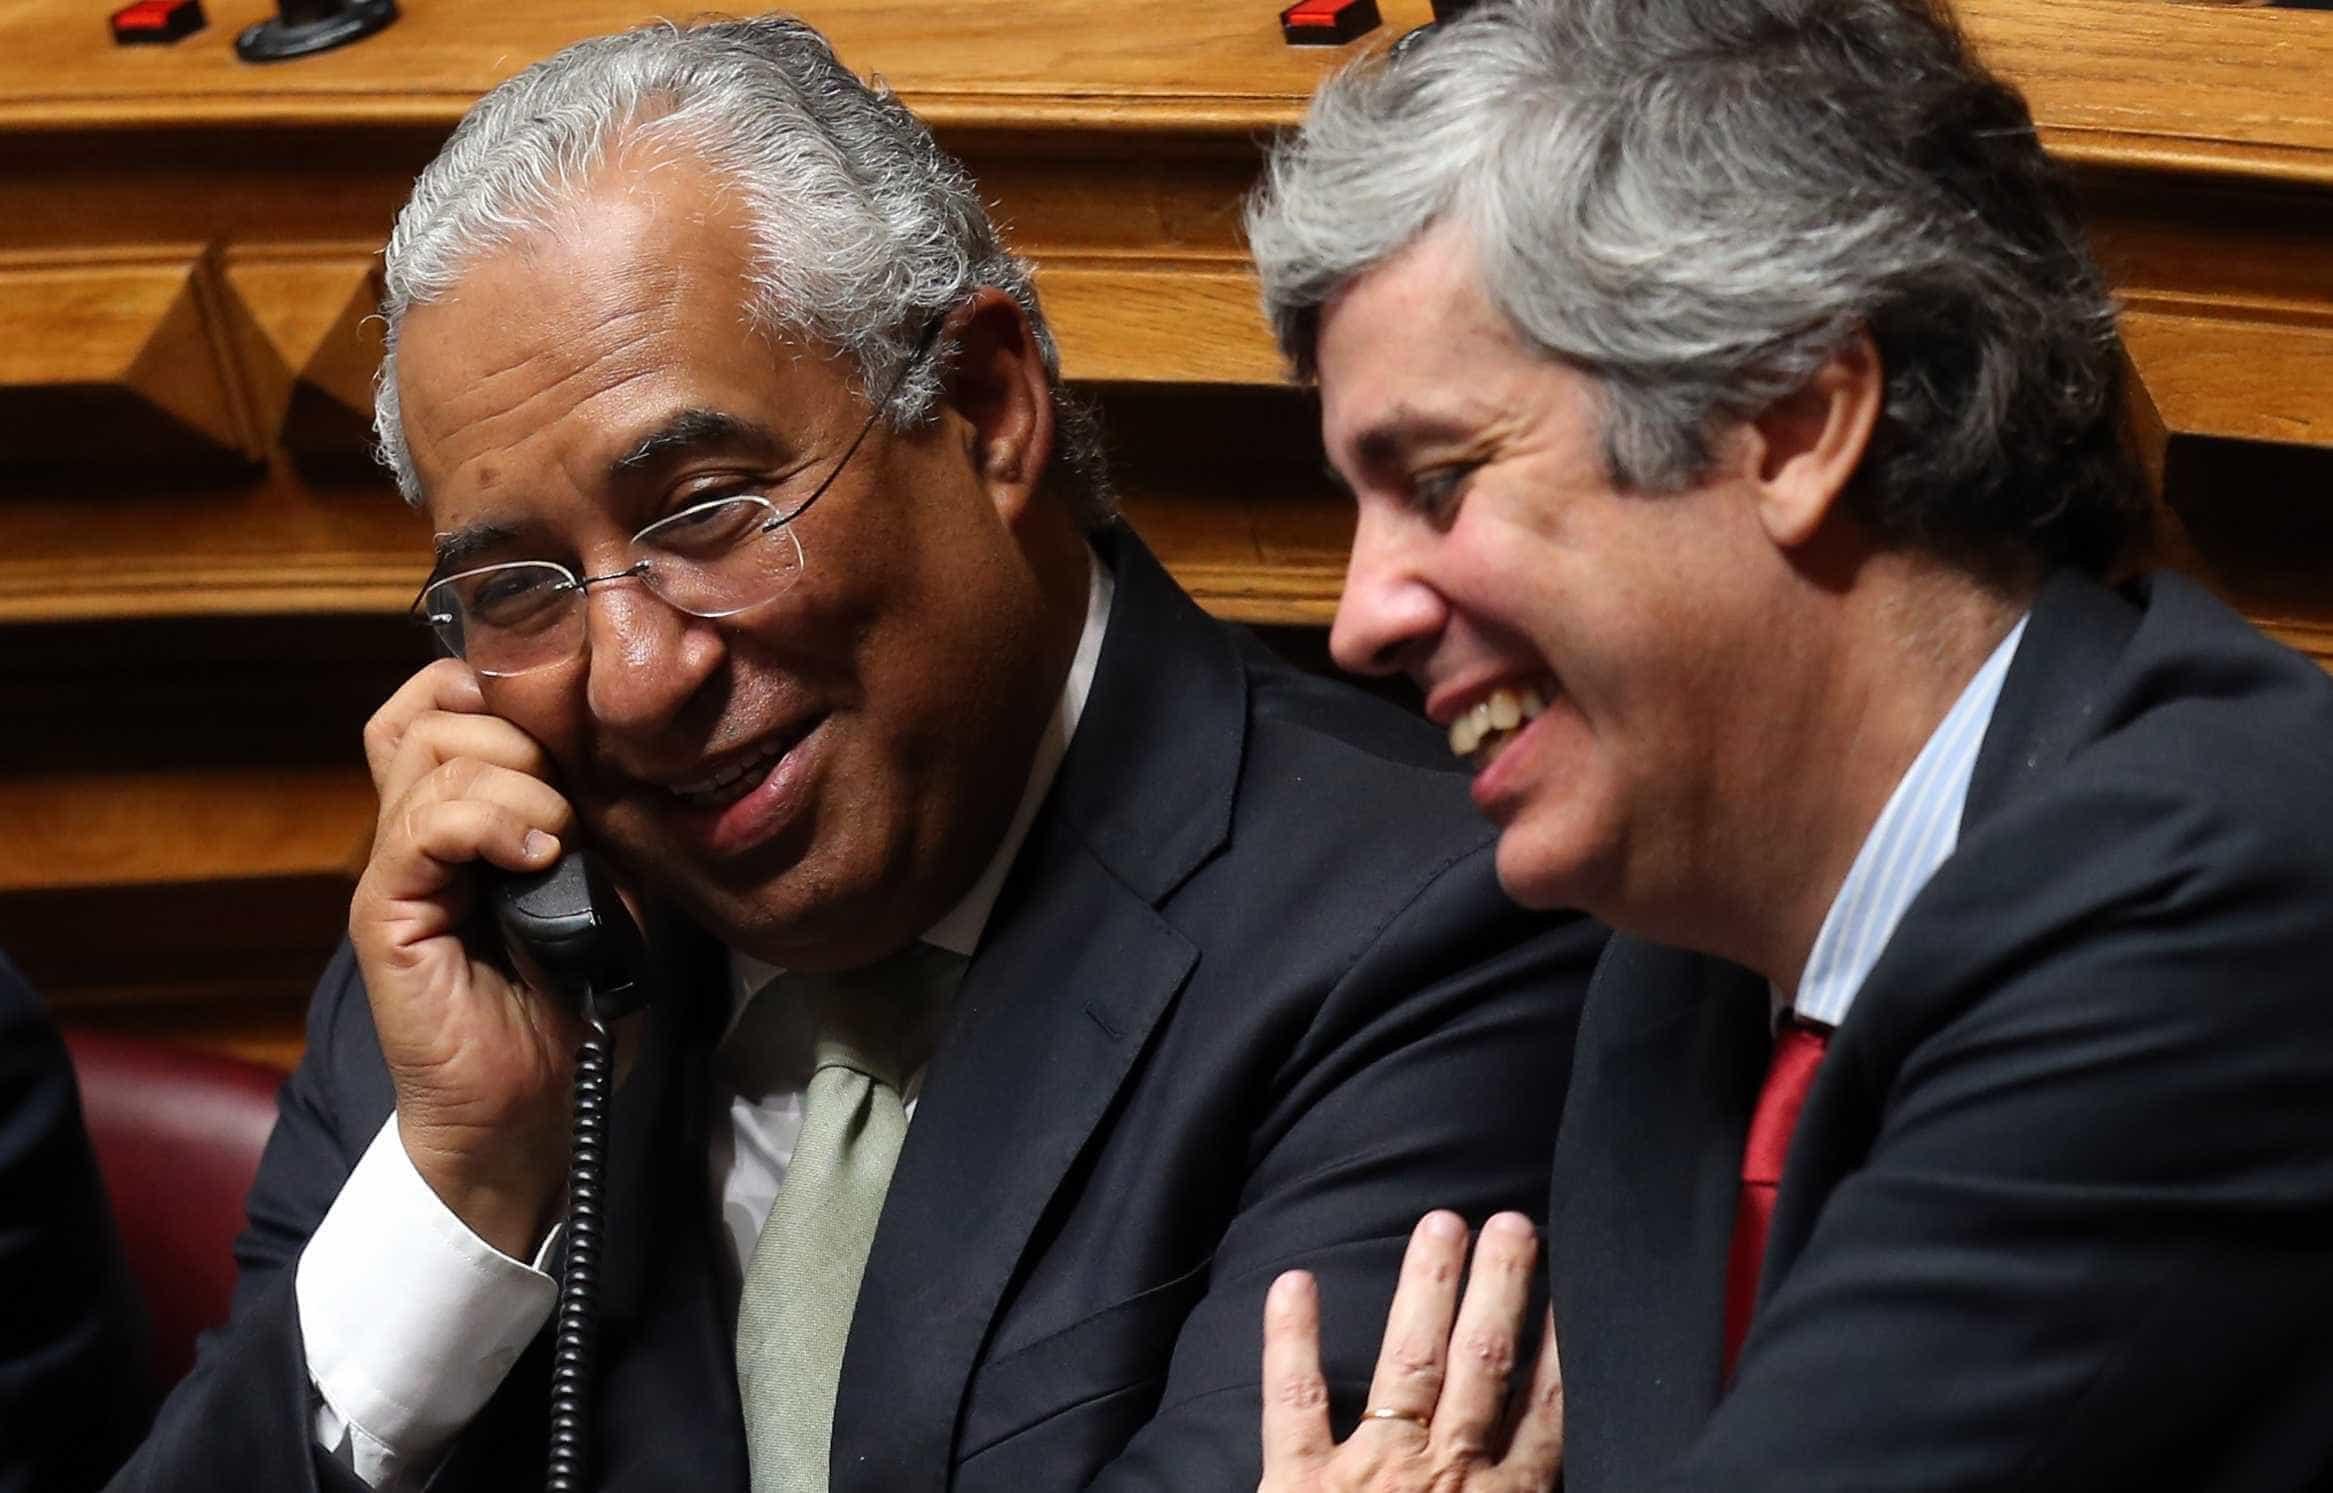 Contas públicas. Portugal com excedente orçamental de 0,7% até setembro